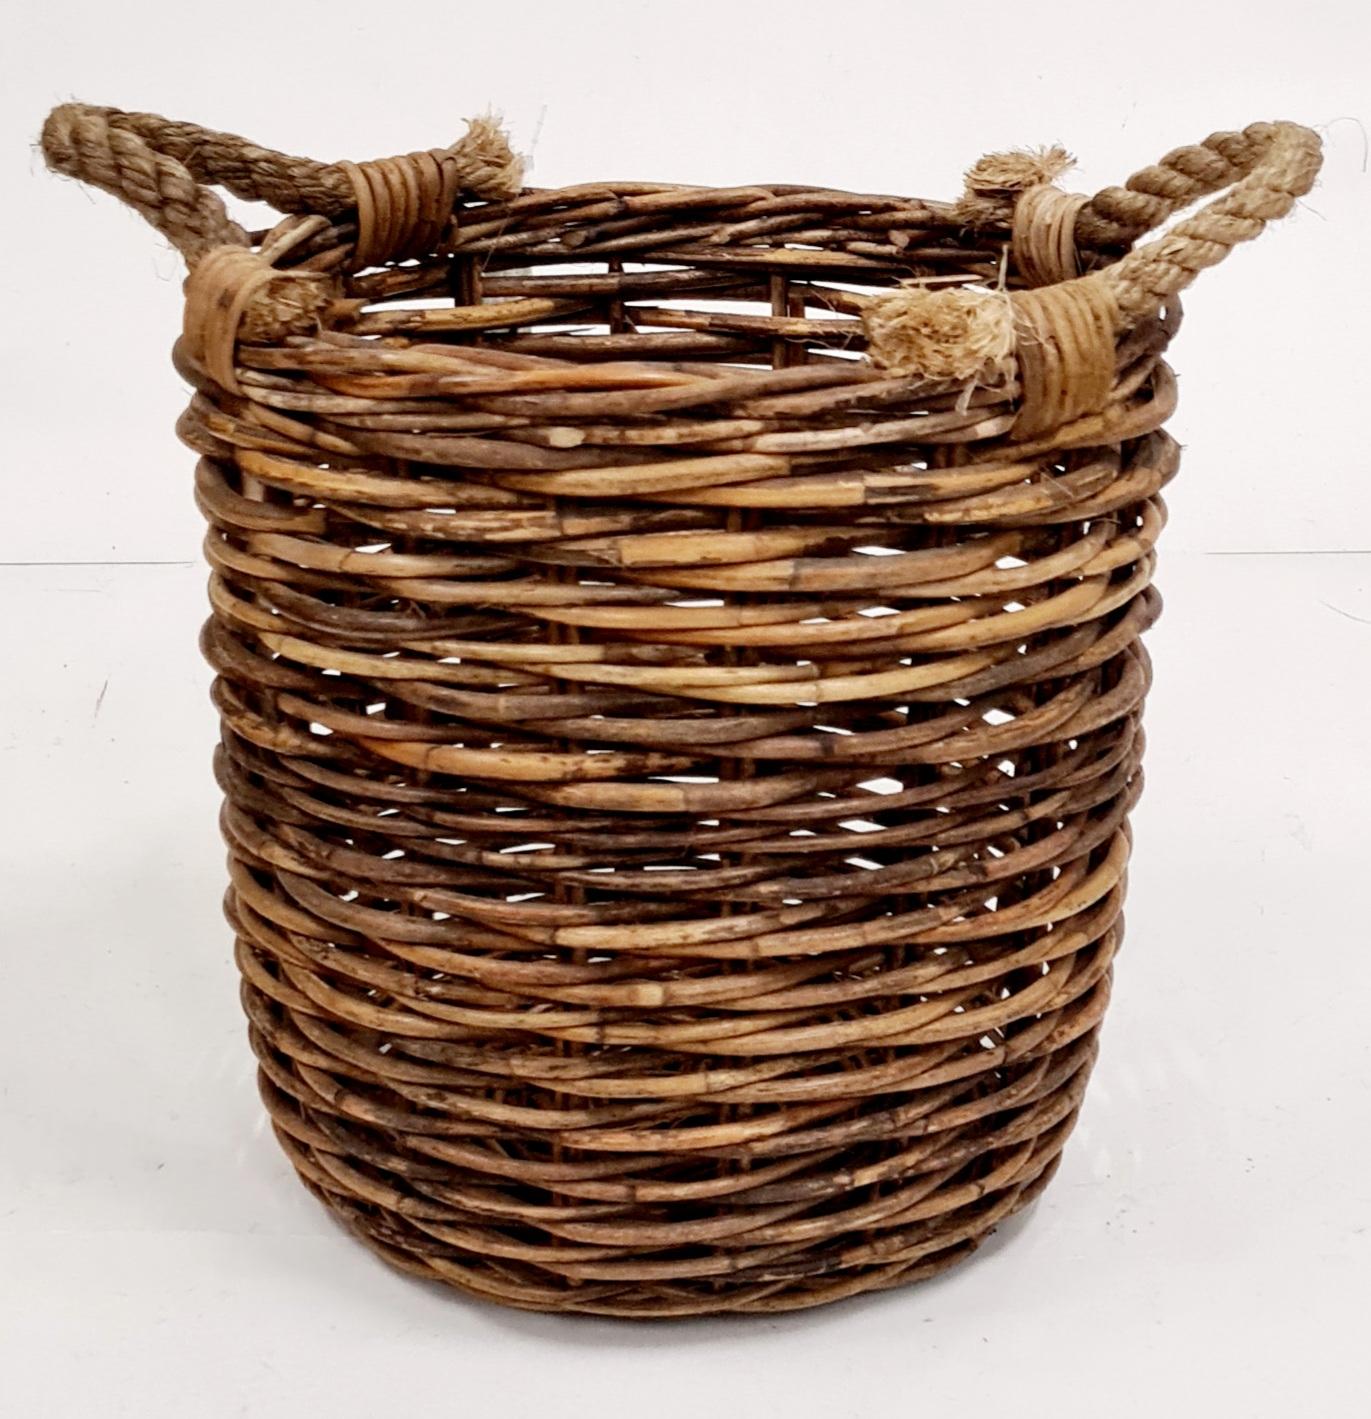 Корзина д/хранения №3 натуральный ротанг коричневый, натуральный